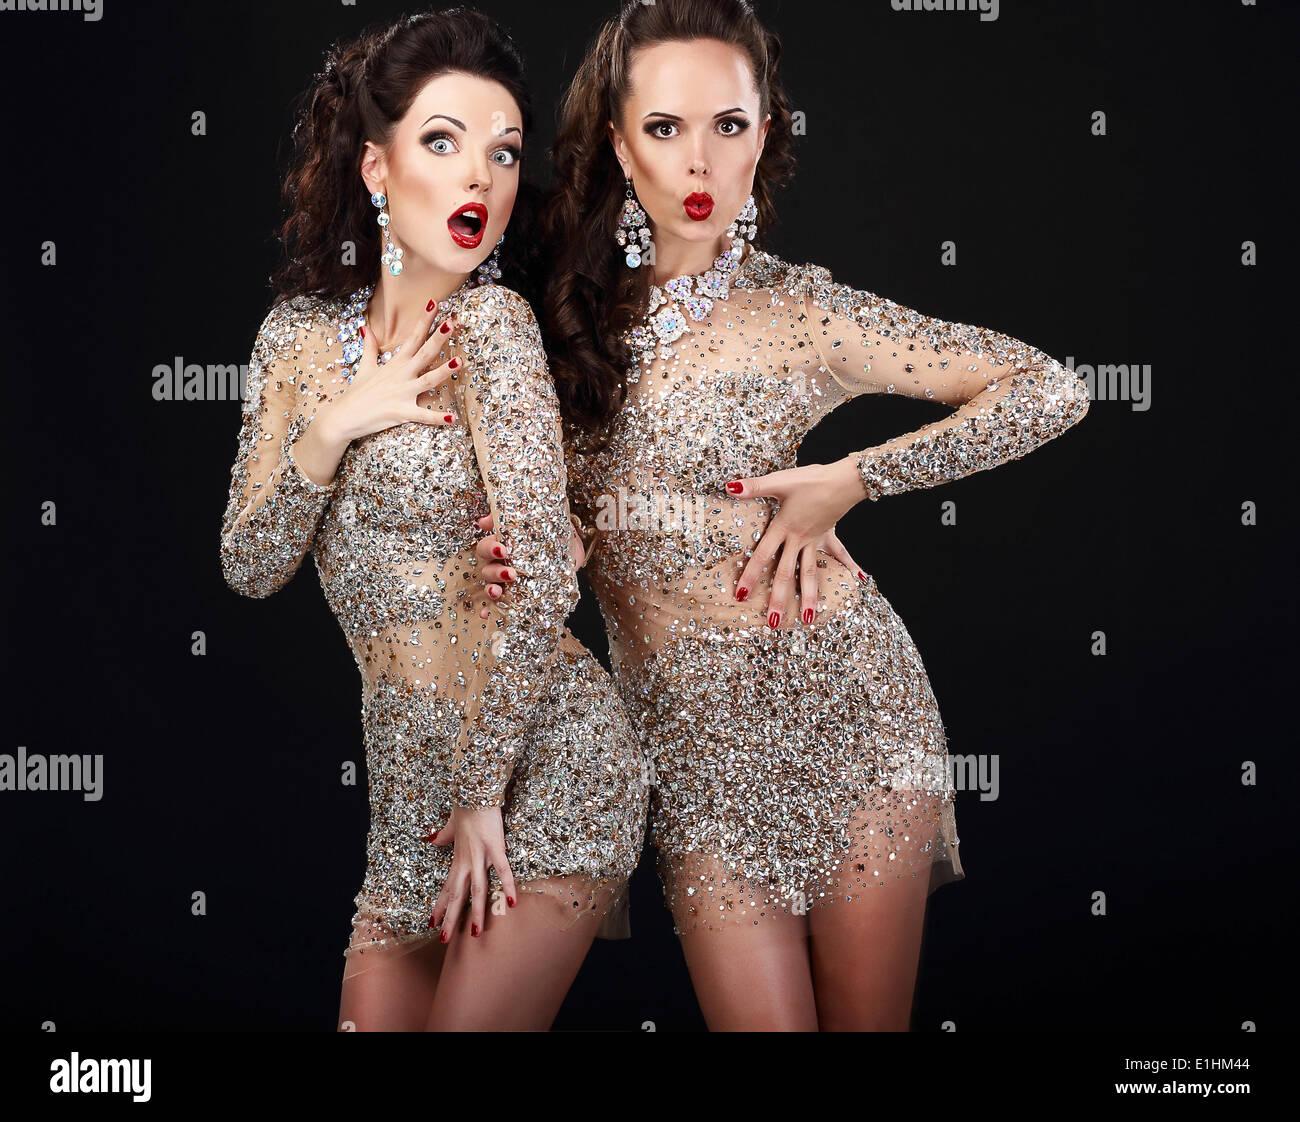 Soiree. Deux jeunes femmes sur fond noir surpris Photo Stock